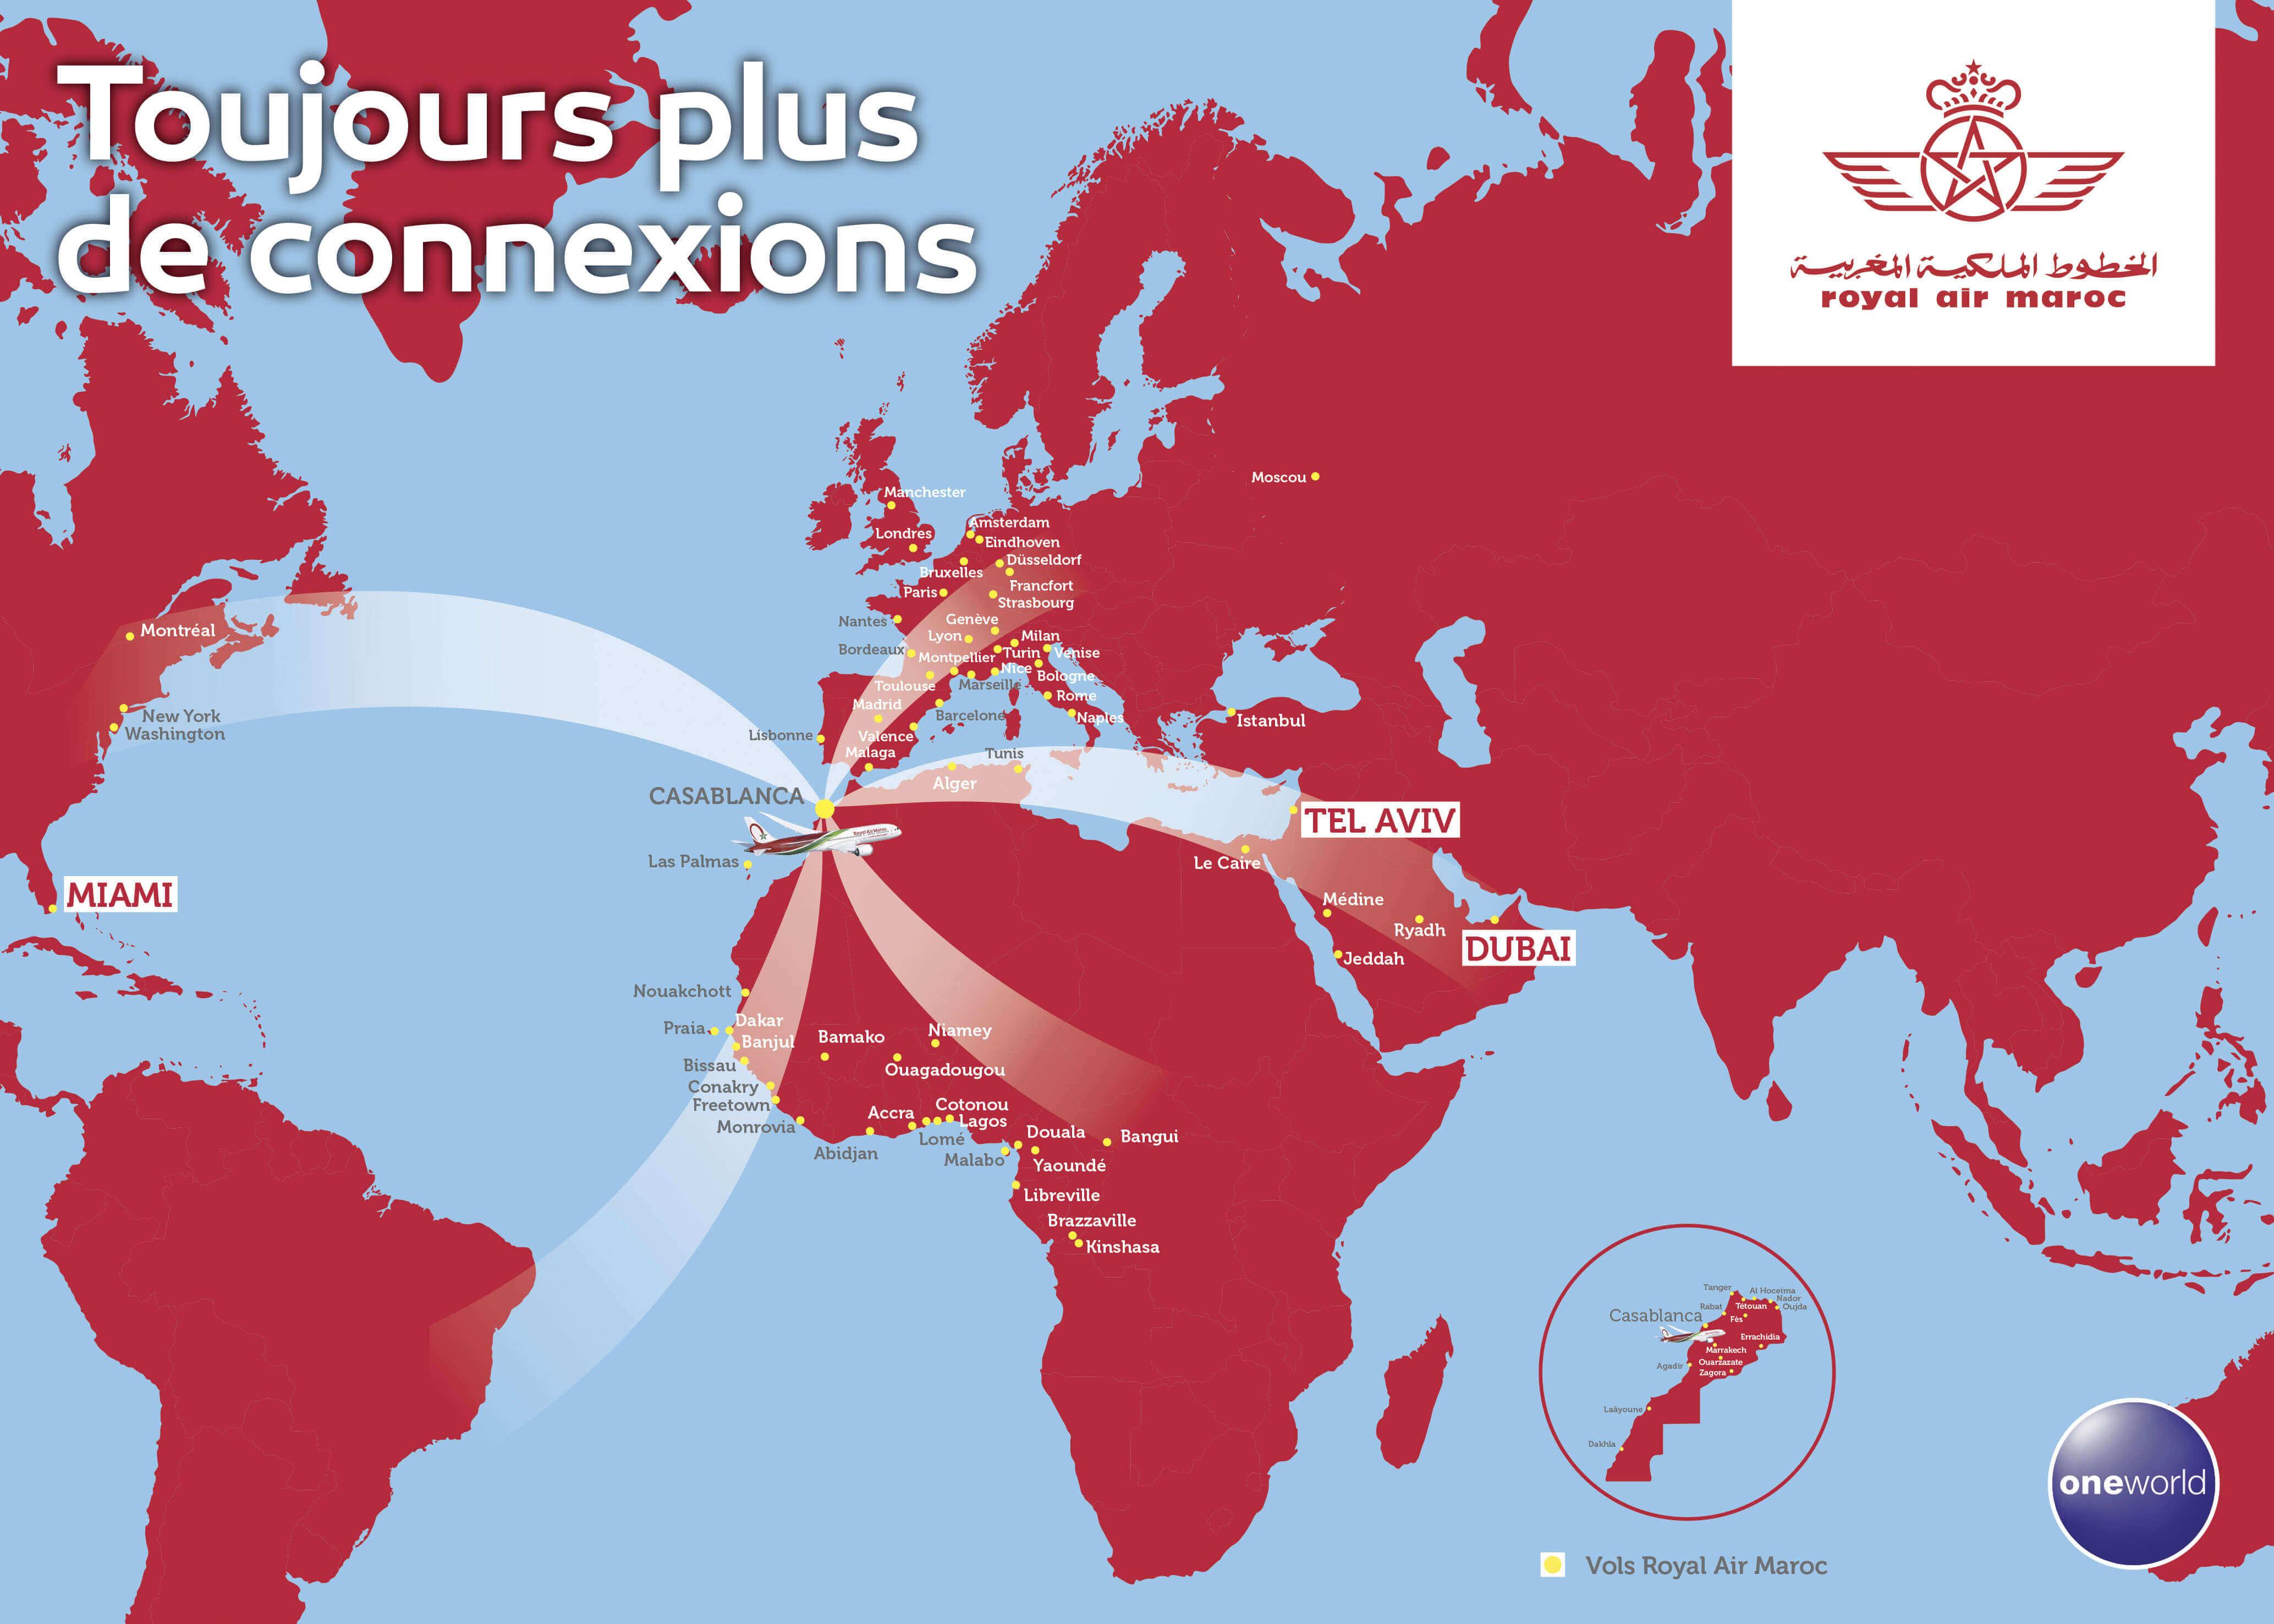 Carte du réseau Royal Air Maroc. Royal Air Maroc propose des vols au départ de Casablanca vers les destinations suivantes : Montréal, New York, Washington, Miami, Sao Paulo, Rio de Janeiro, Europe et Afrique